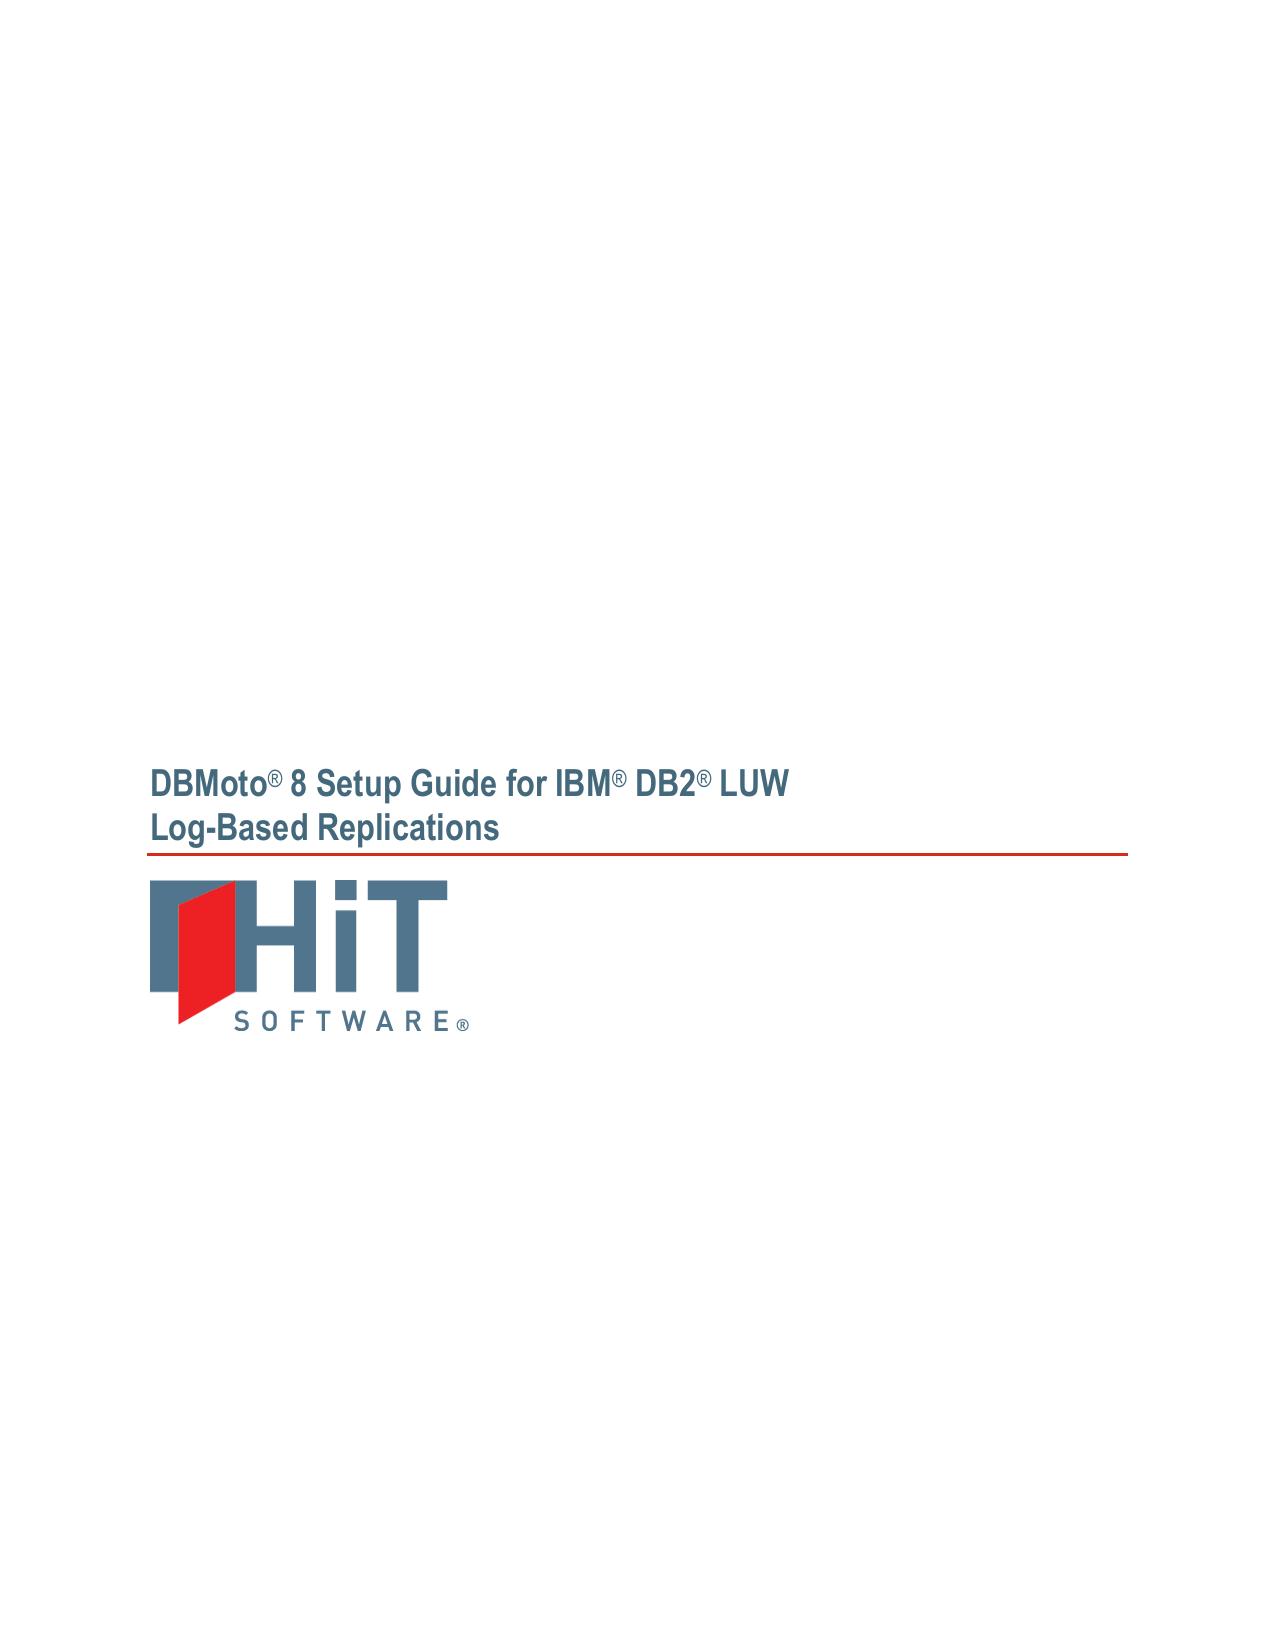 DBMoto® 8 Setup Guide for IBM® DB2® LUW Log | manualzz com